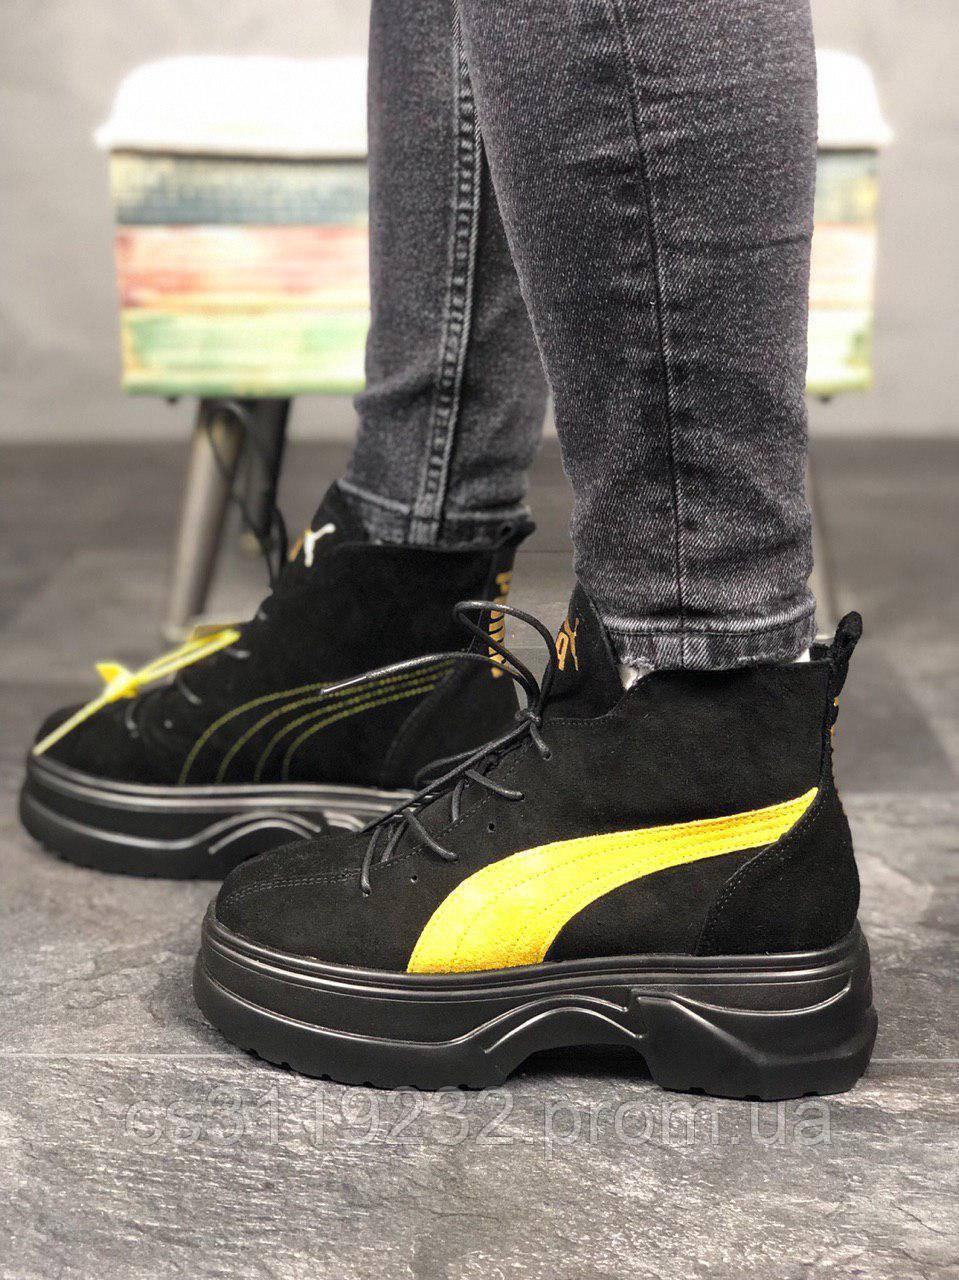 Жіночі черевики Puma Spring Boots Black Yellow чоботи (чорні)